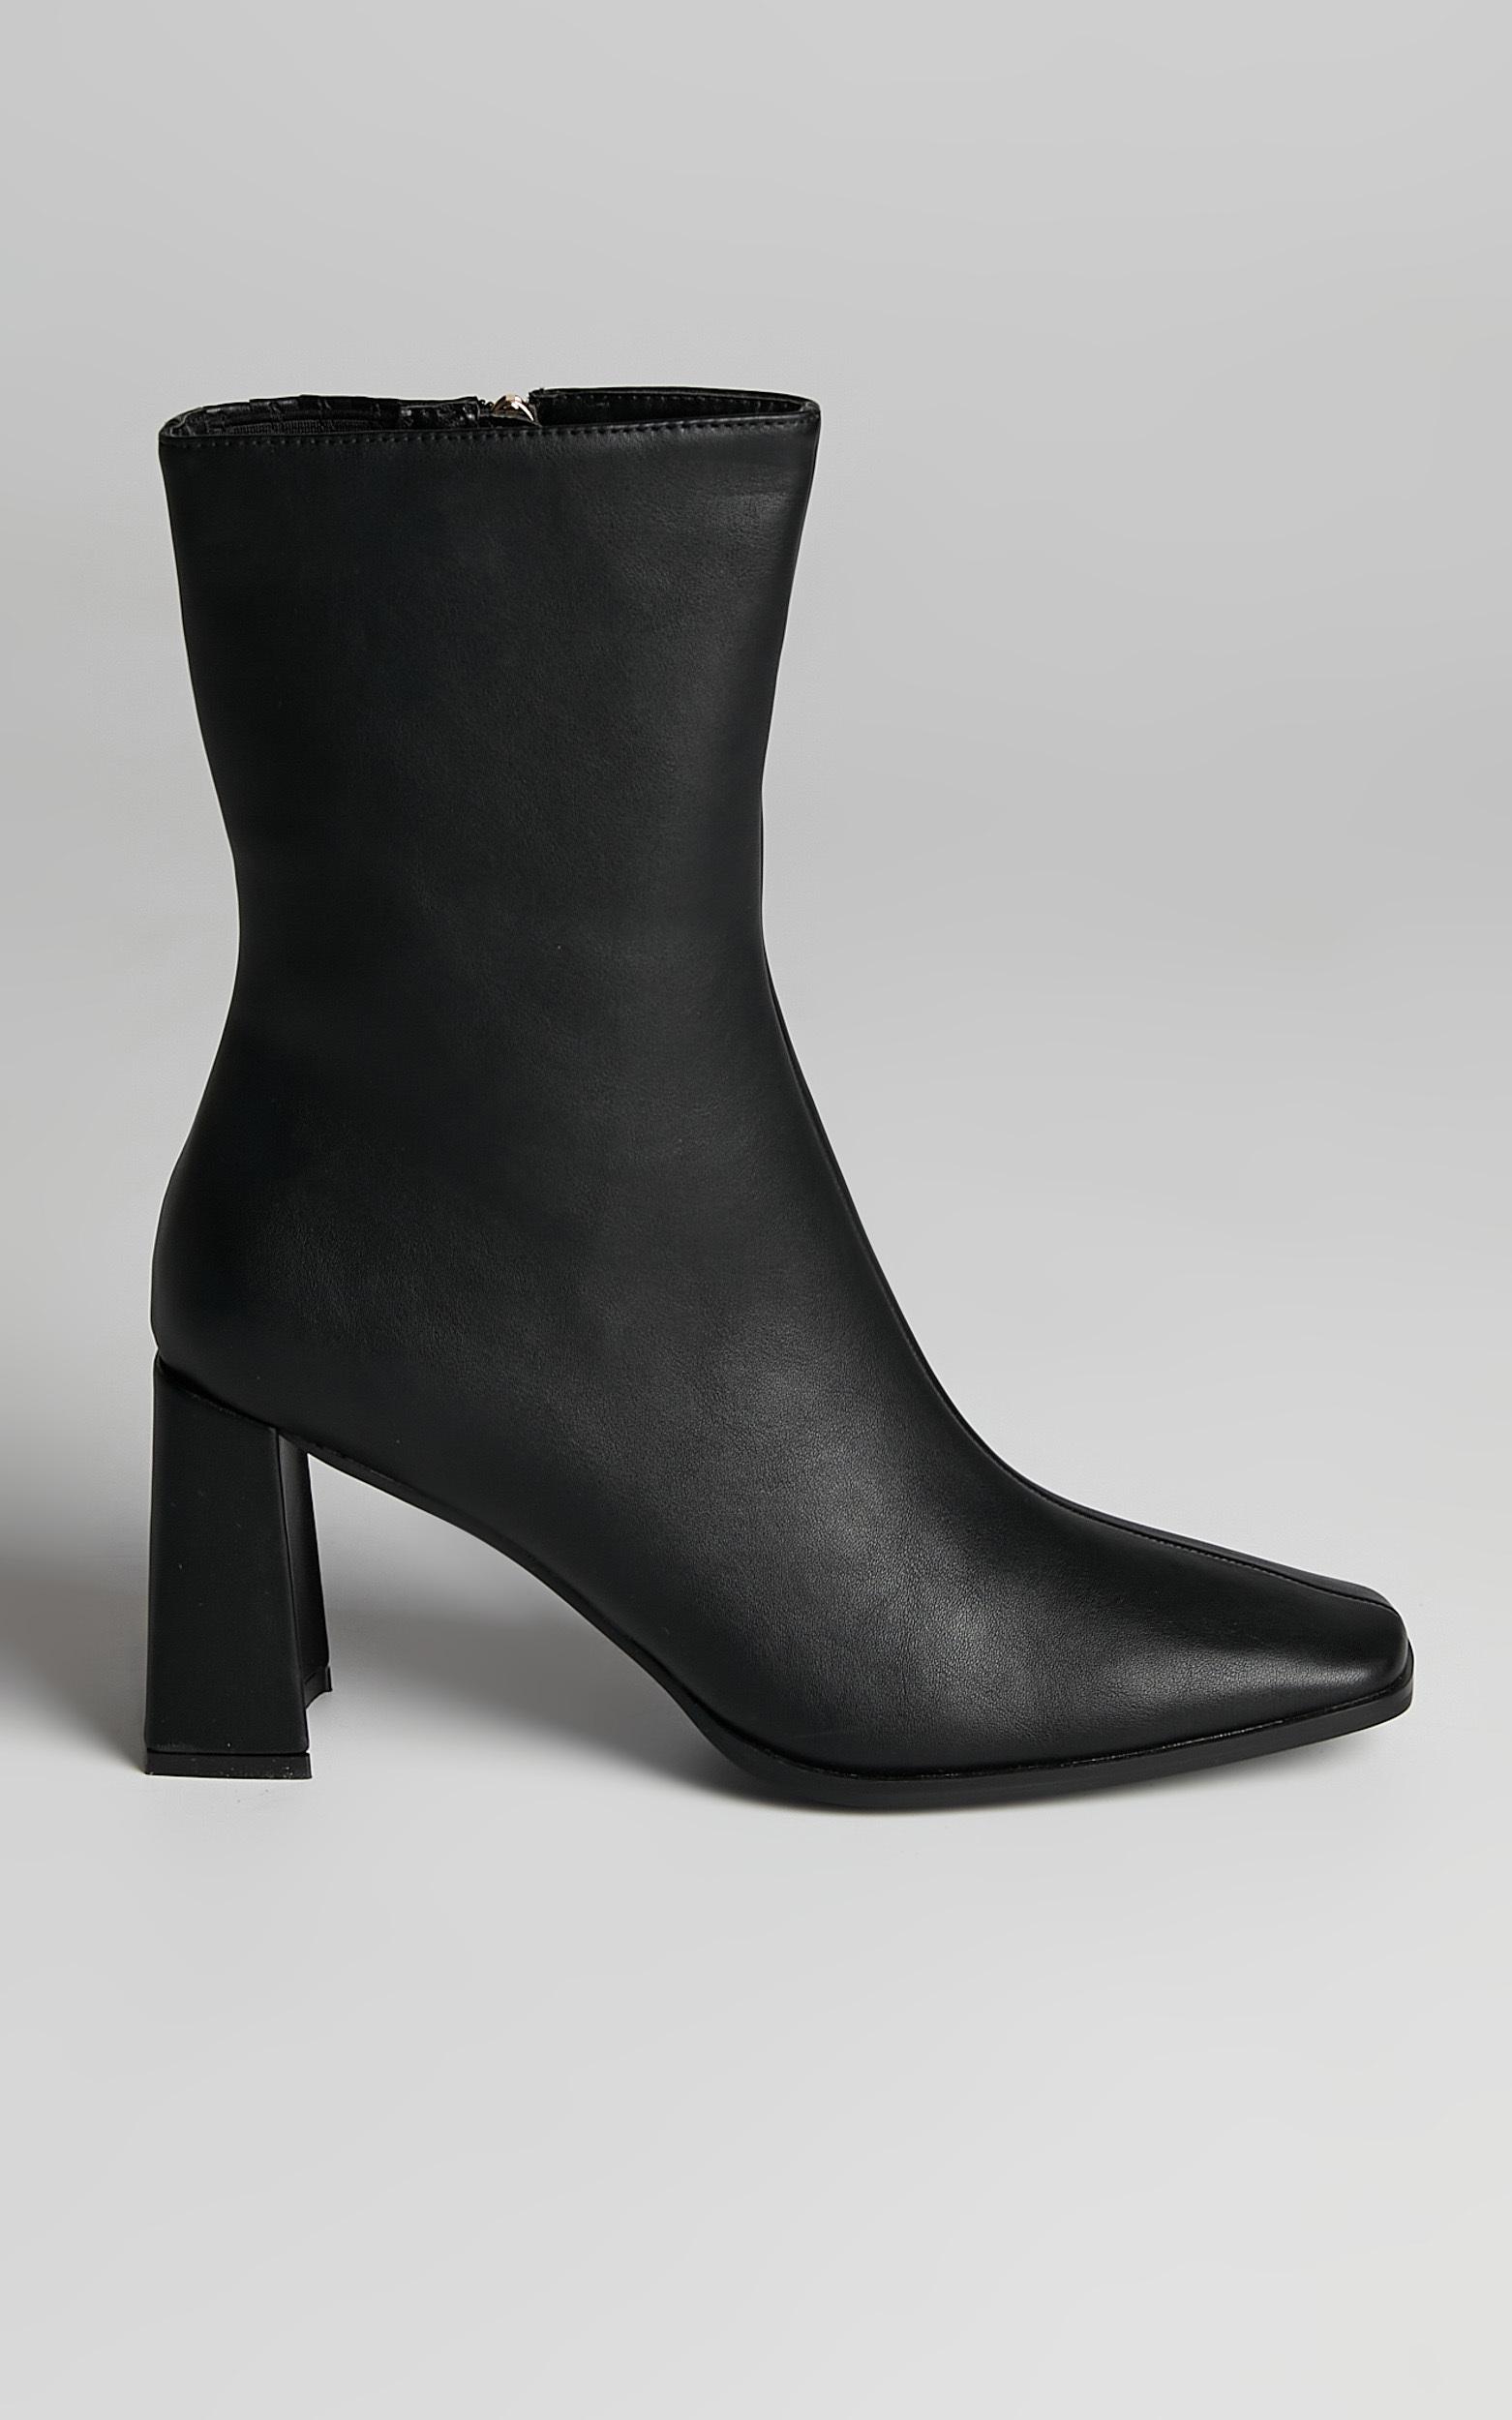 Billini - Orleans Boots in Black - 05, BLK1, hi-res image number null